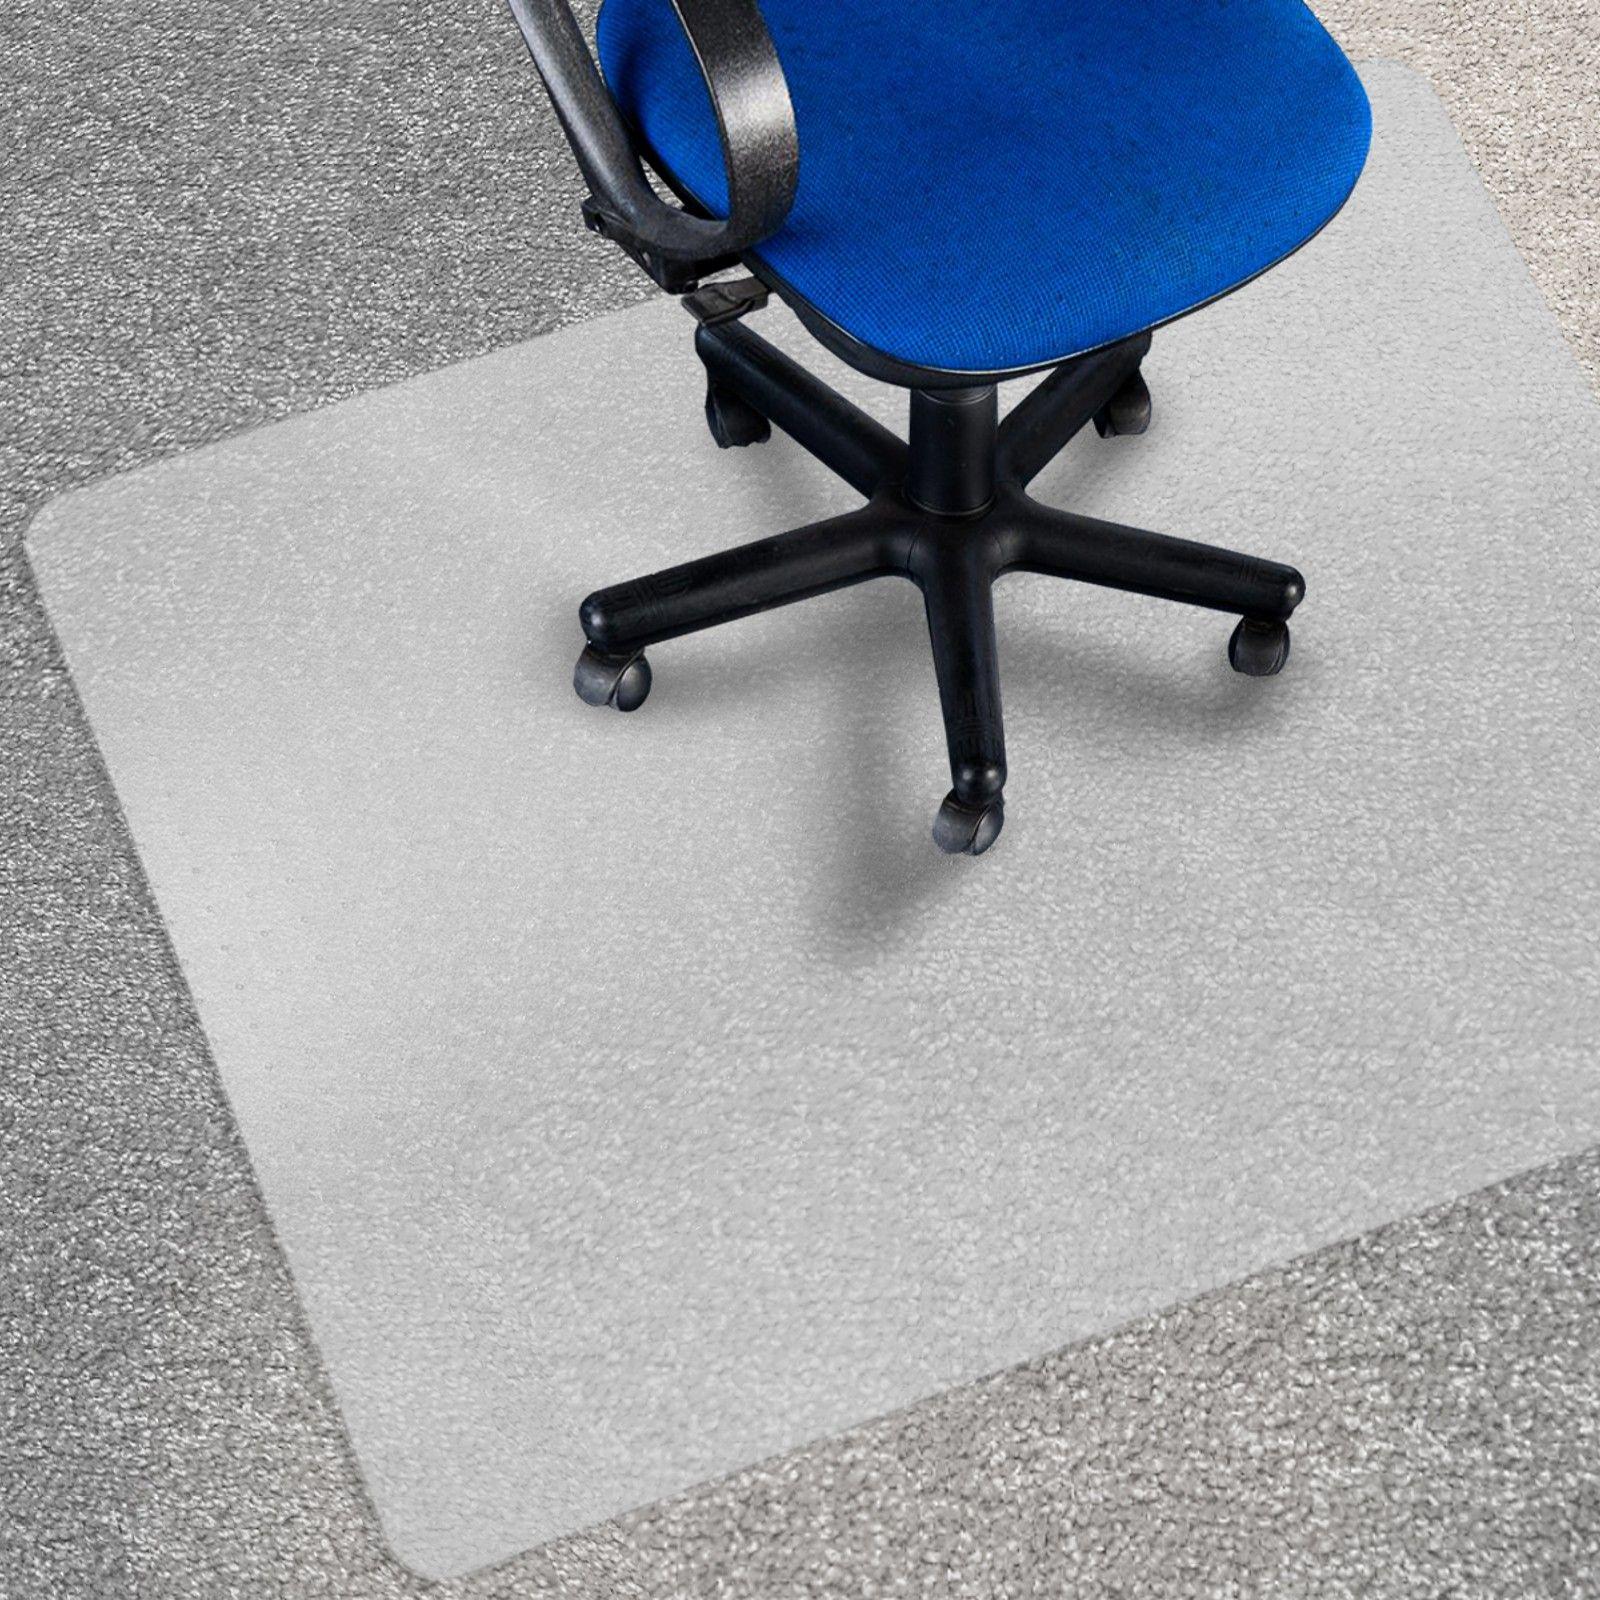 Bodenmatte Gefrostet Protect Pro Teppichboden 5 Grossen